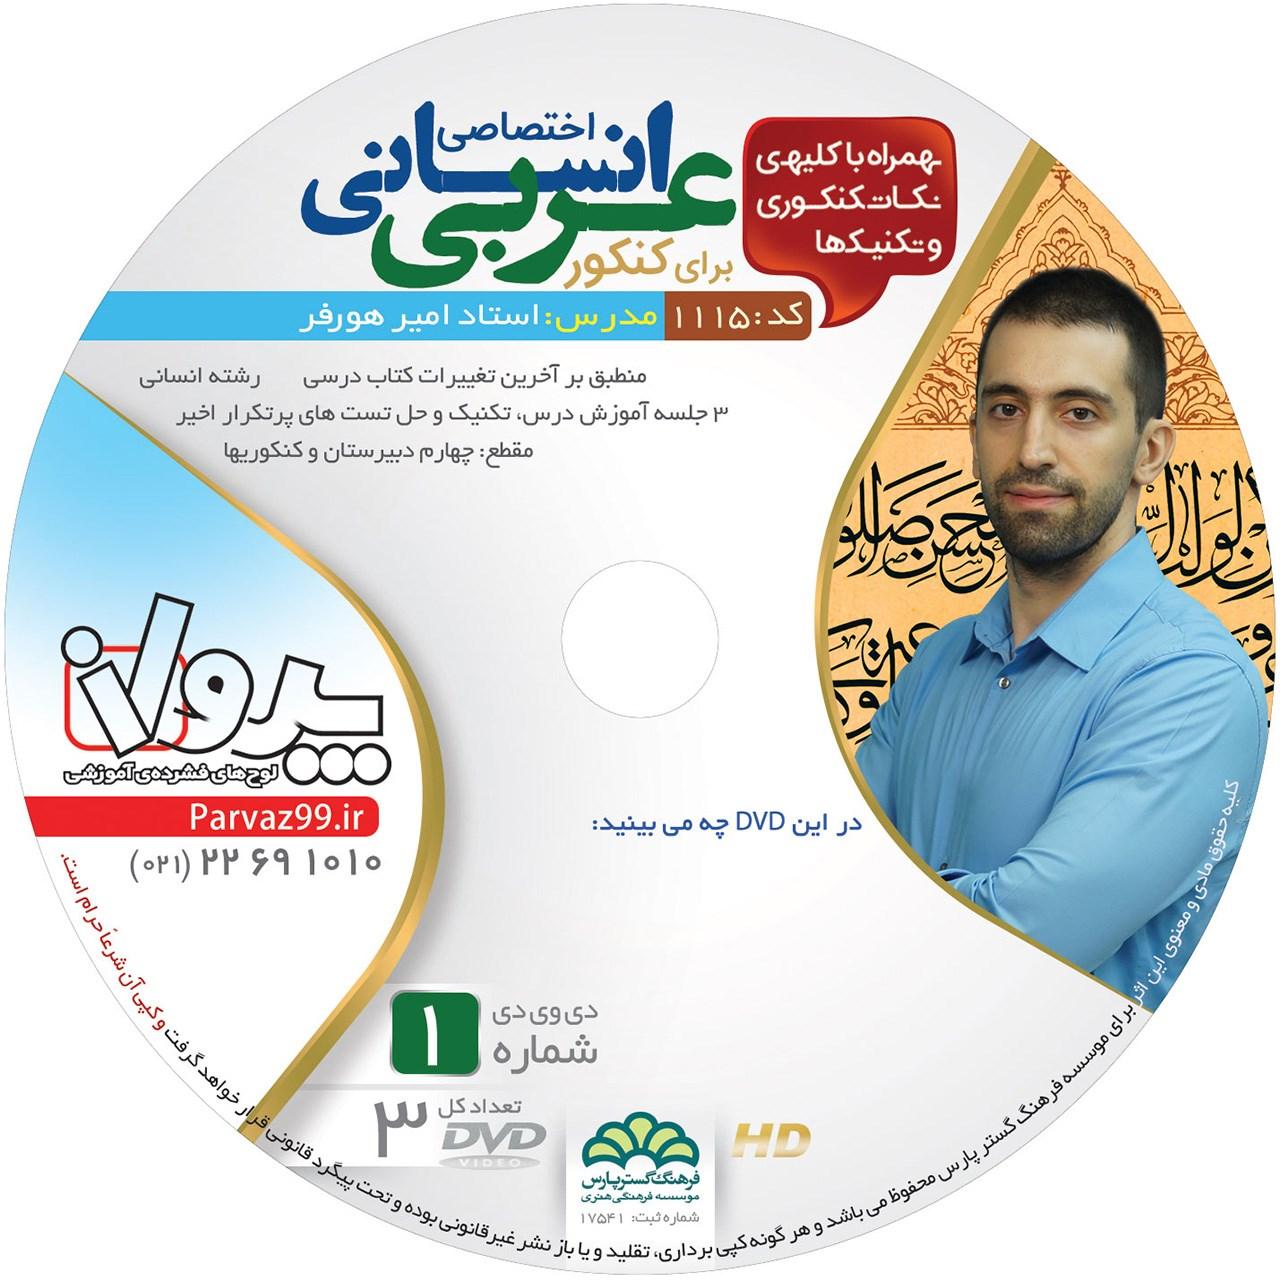 آموزش تصویری جامع عربی اختصاصی کنکور انسانی نشر پرواز کد 1115